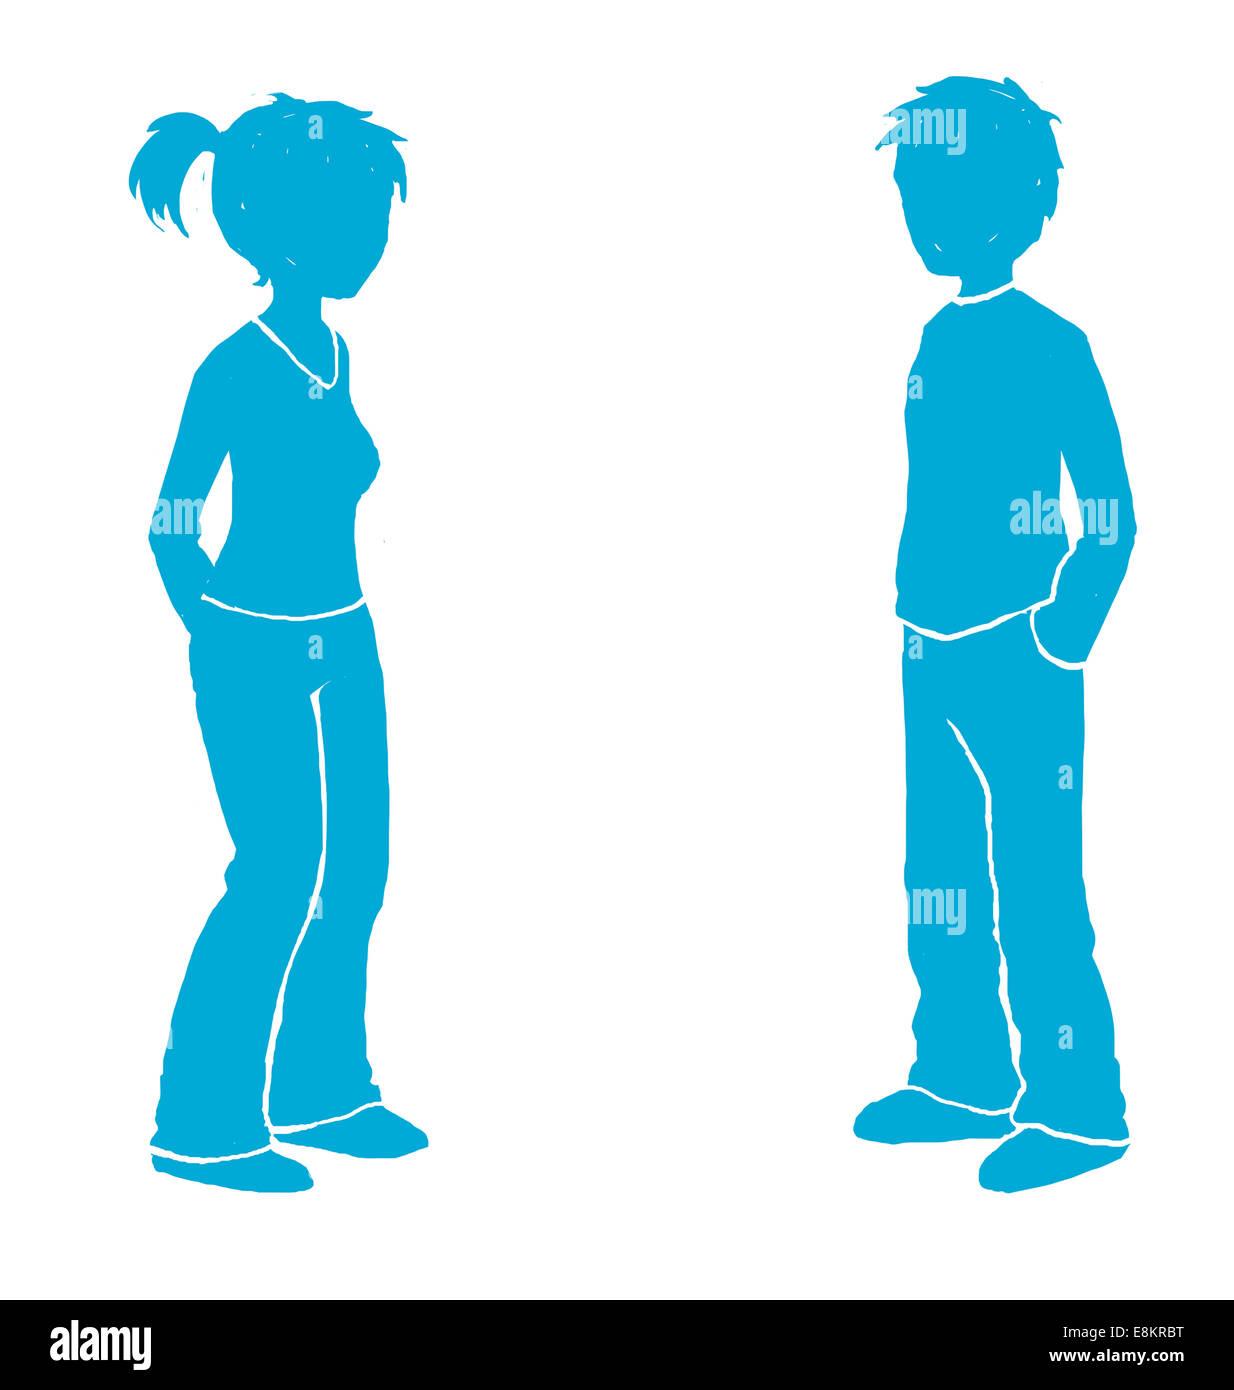 Piktogramm einer jungen Frau und Mann. Stockbild